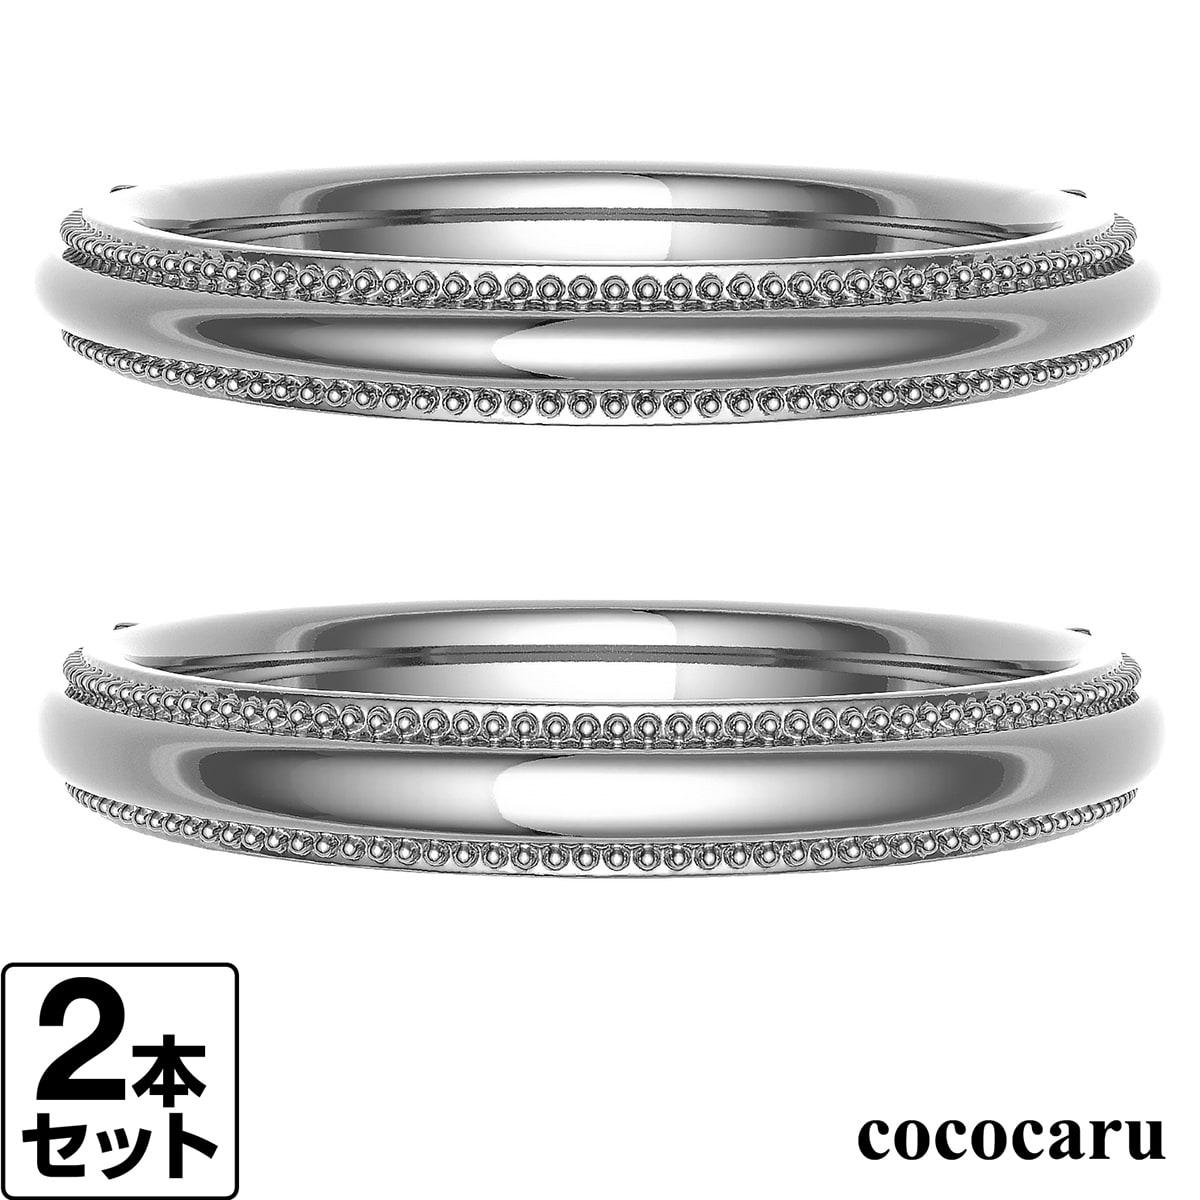 【送料無料】ペアリング 結婚指輪 K10ゴールド 2本セット マリッジリング 日本製 【ゴールド】【結婚指輪】【ペアリング】【マリッジリング】